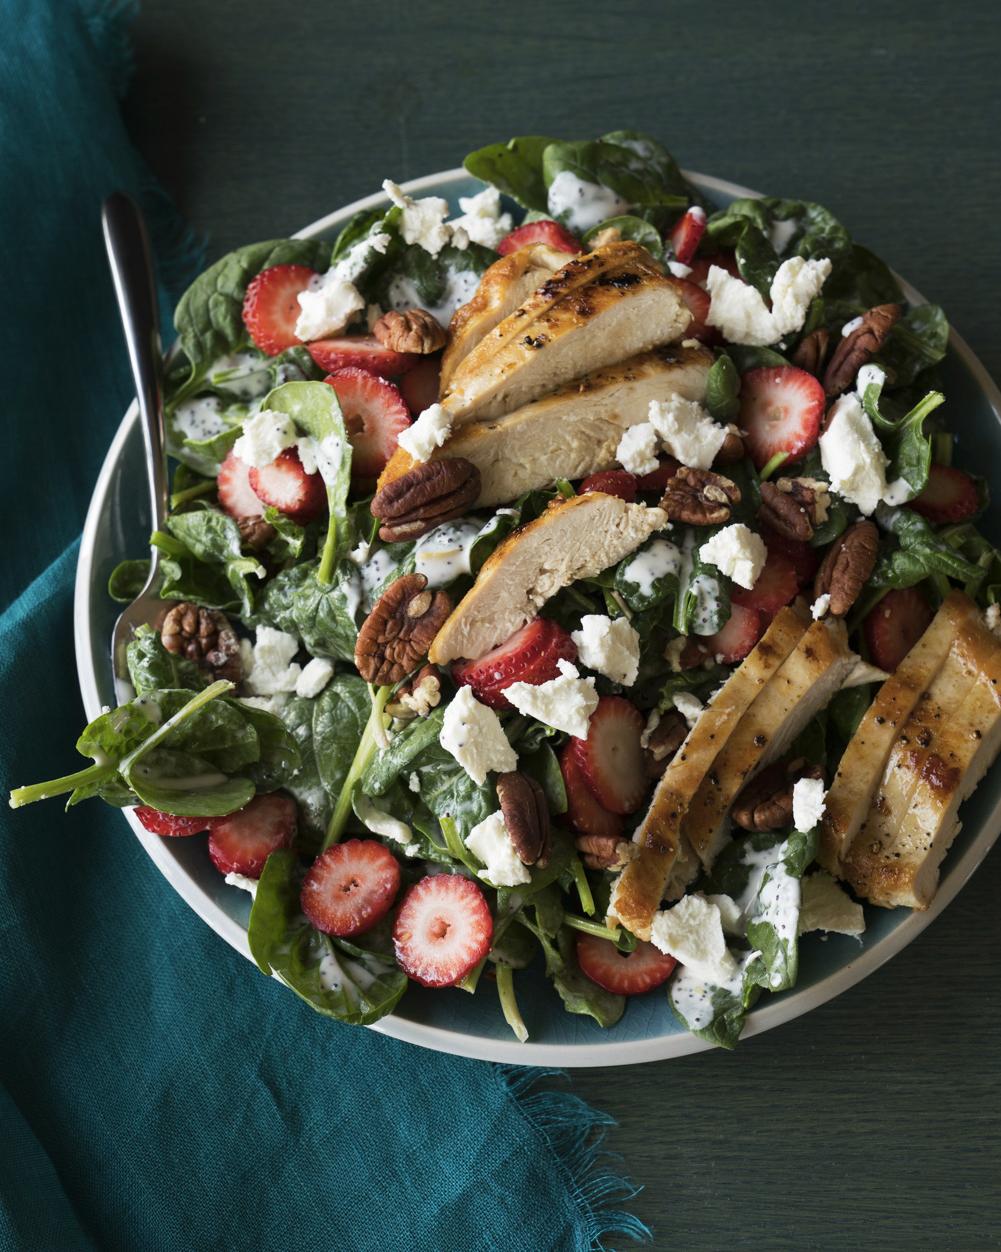 VWH_Salad_StrawberryFields_120.jpg